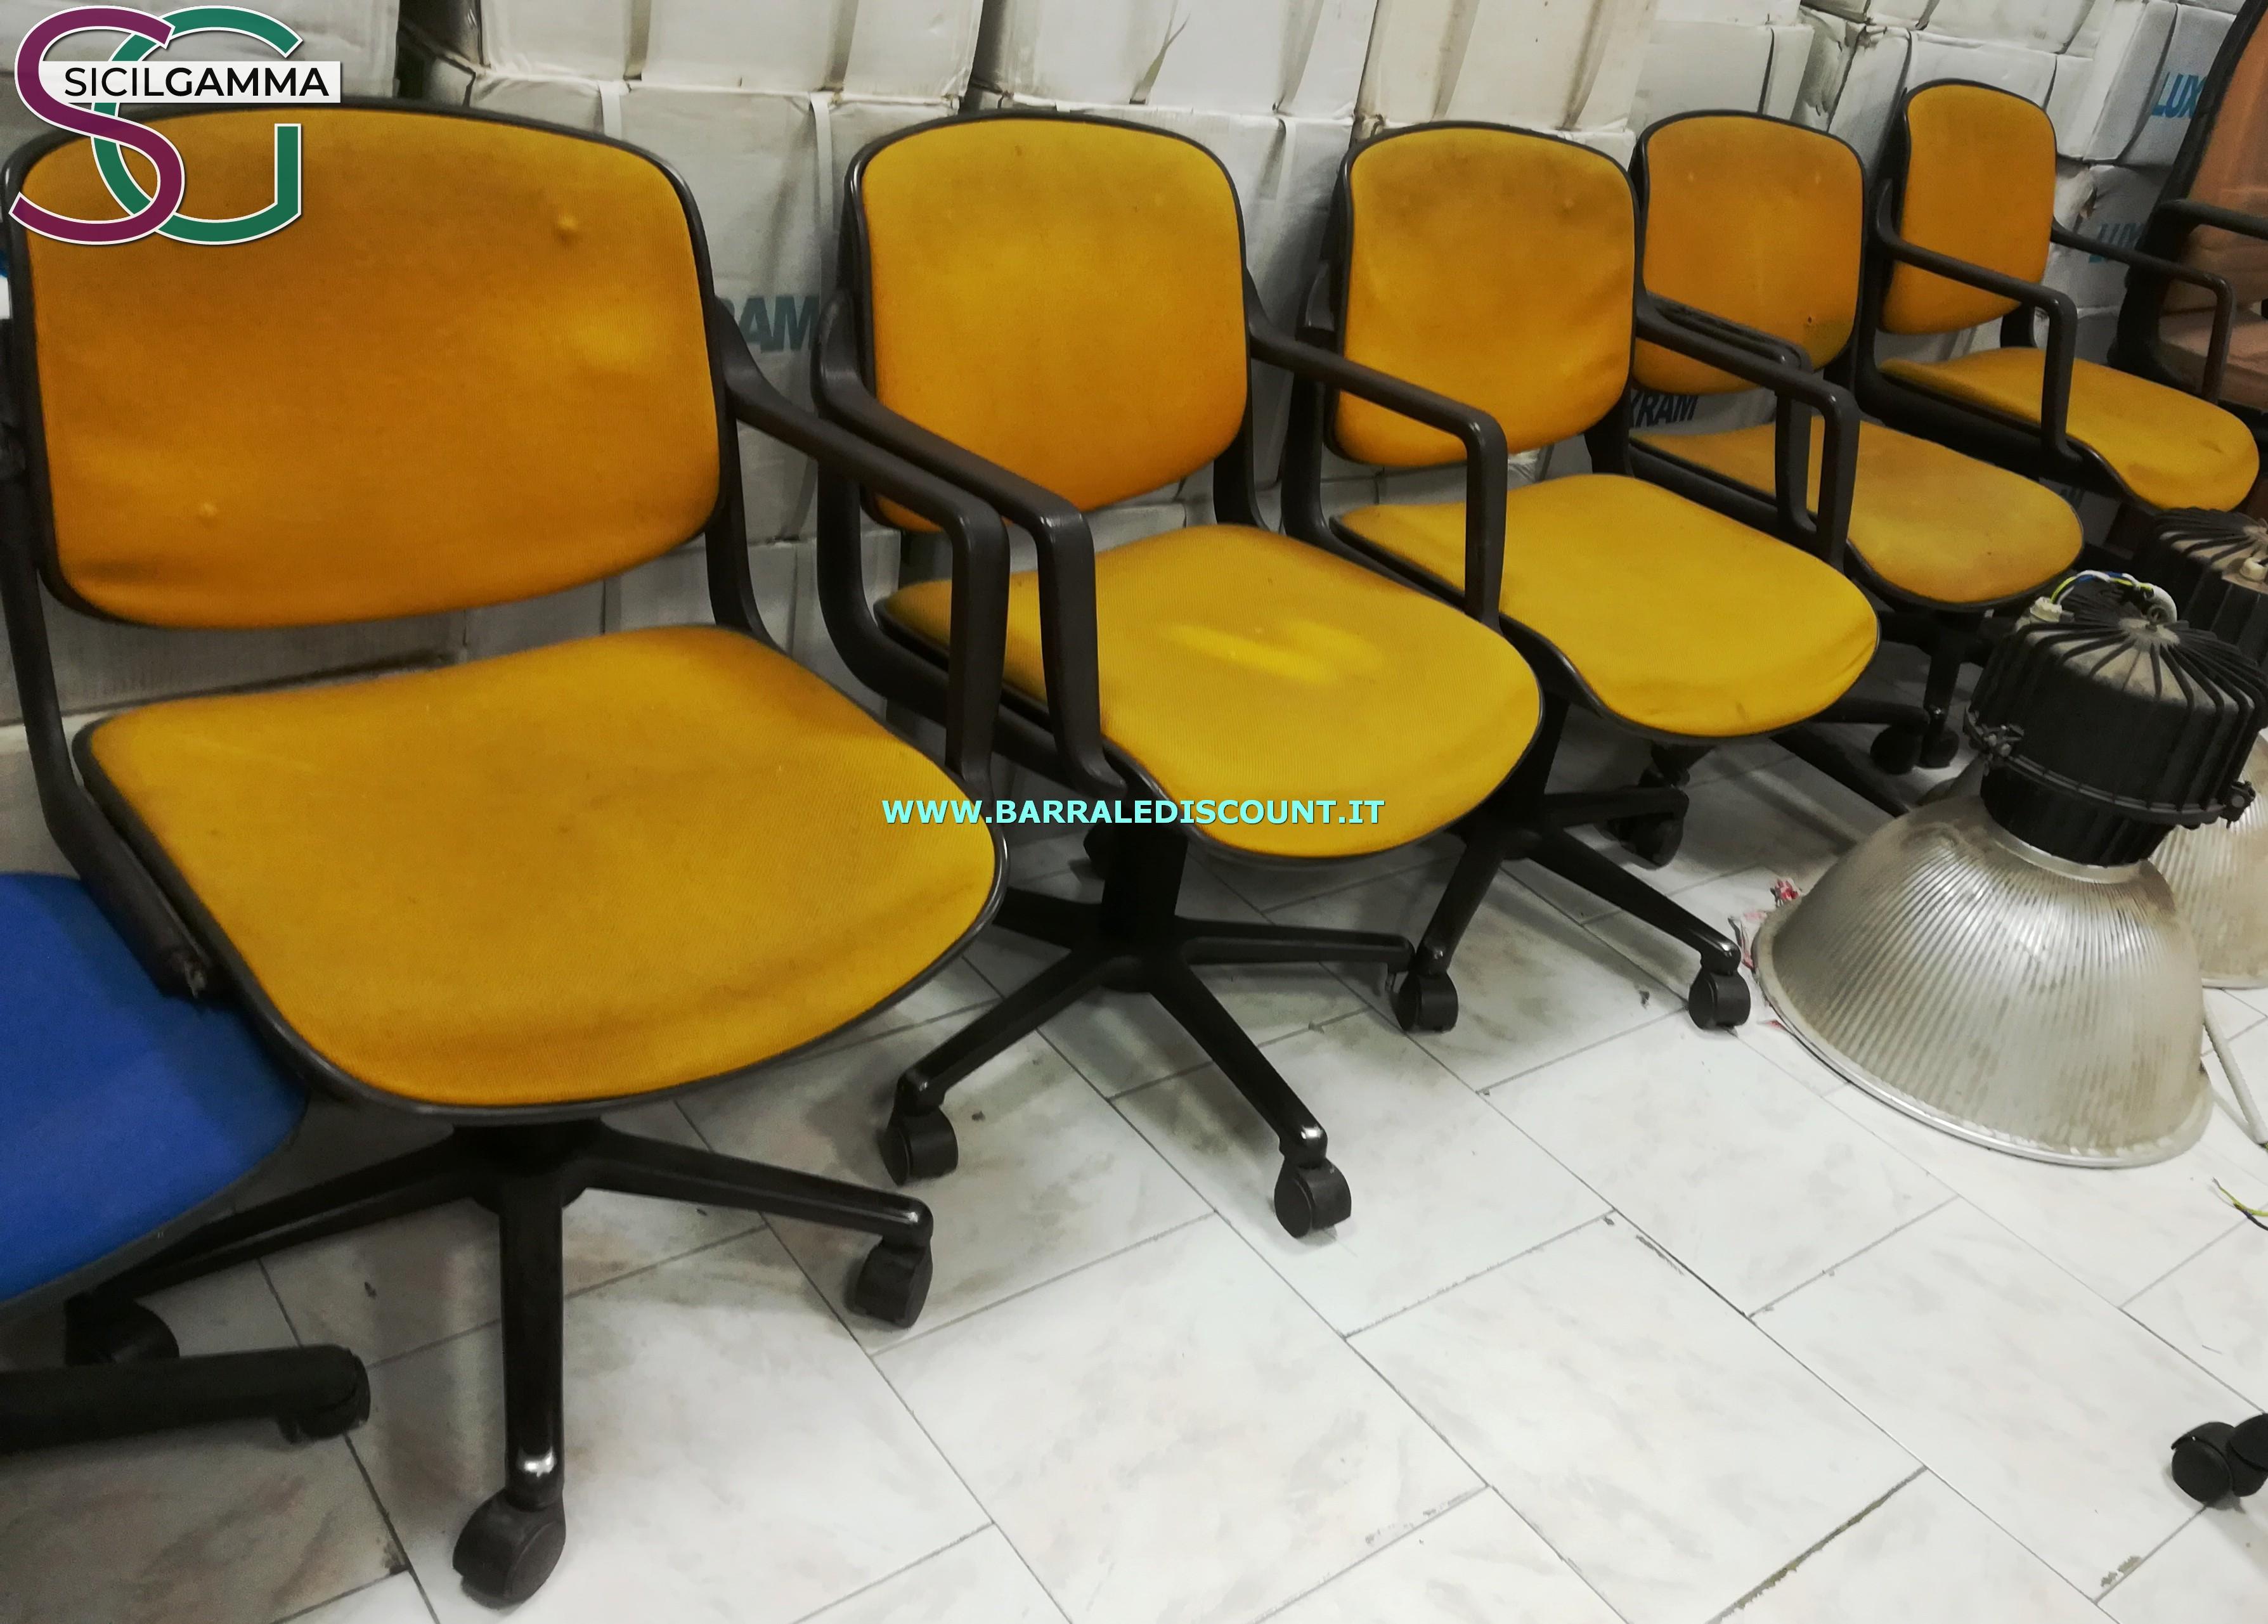 Sedie ufficio 3021 barrale discount for Ufficio discount